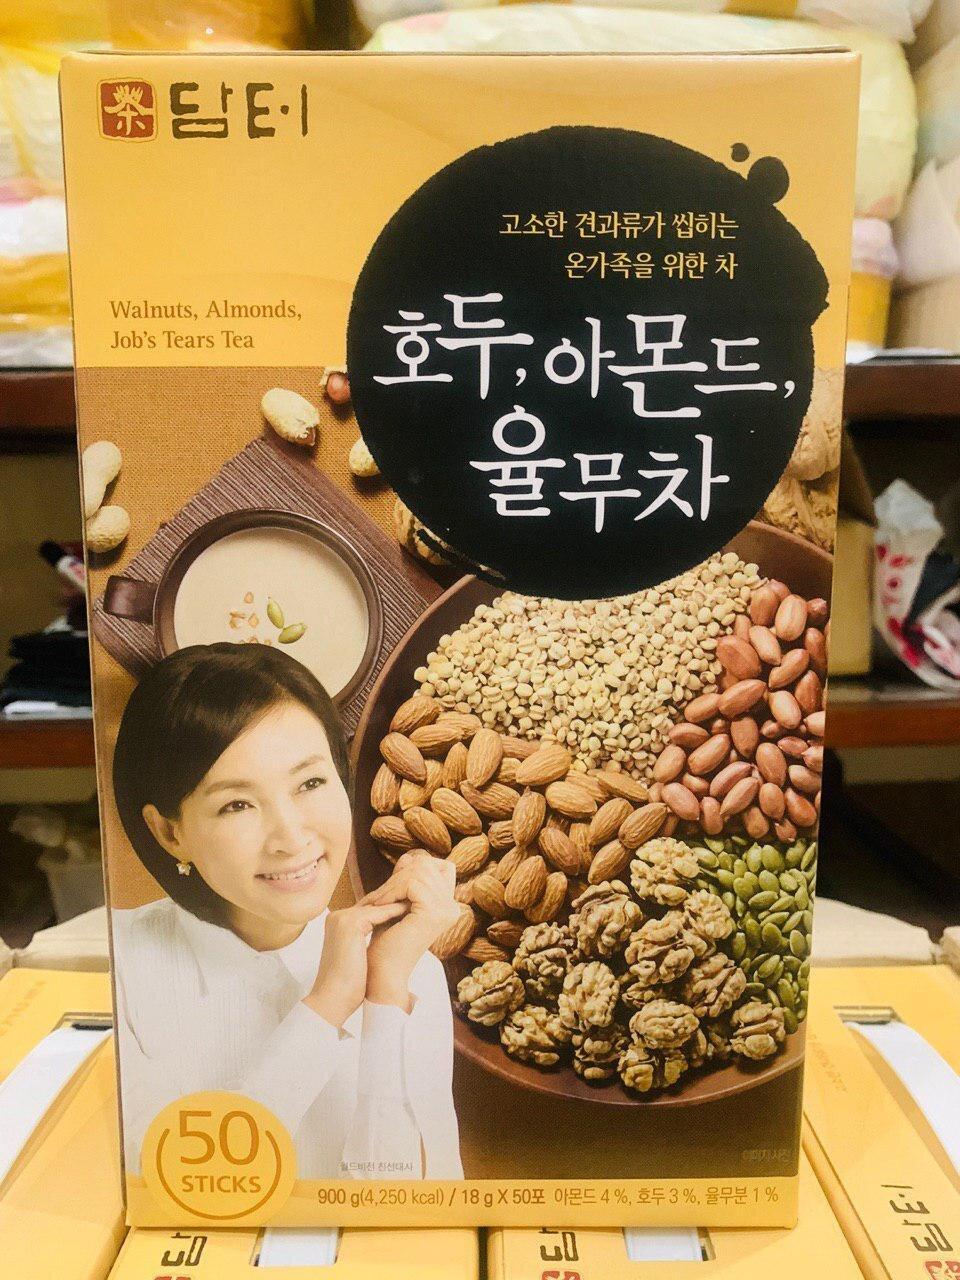 Ngũ cốc Damtuh được chế biến thành dạng gói rất tiện lợi để pha uống mỗi ngày